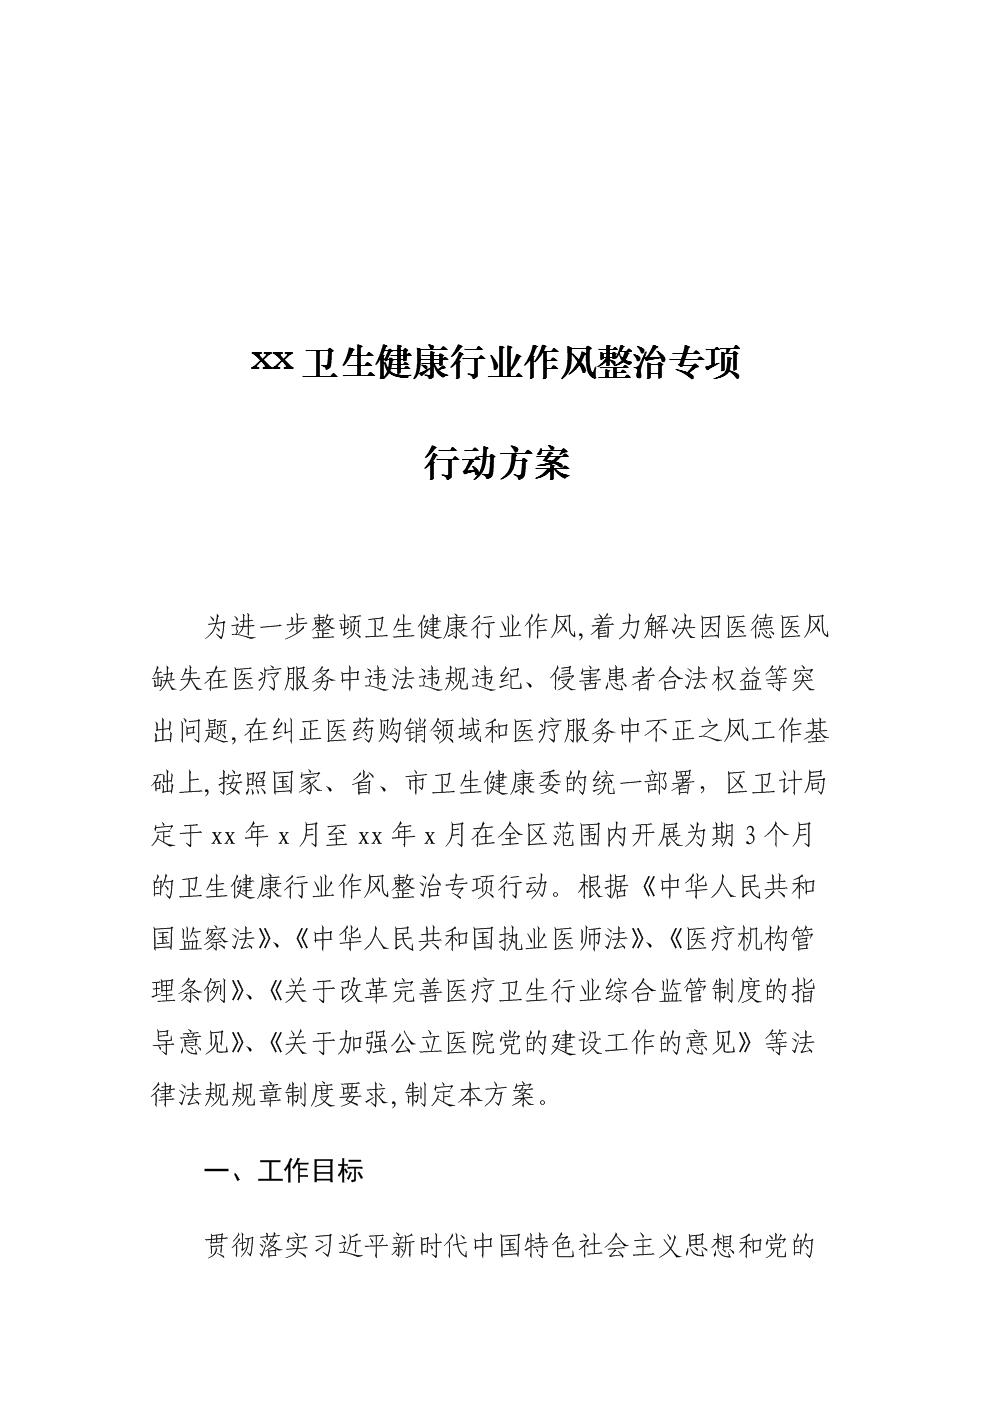 卫生健康行业作风整治专项行动方案.docx